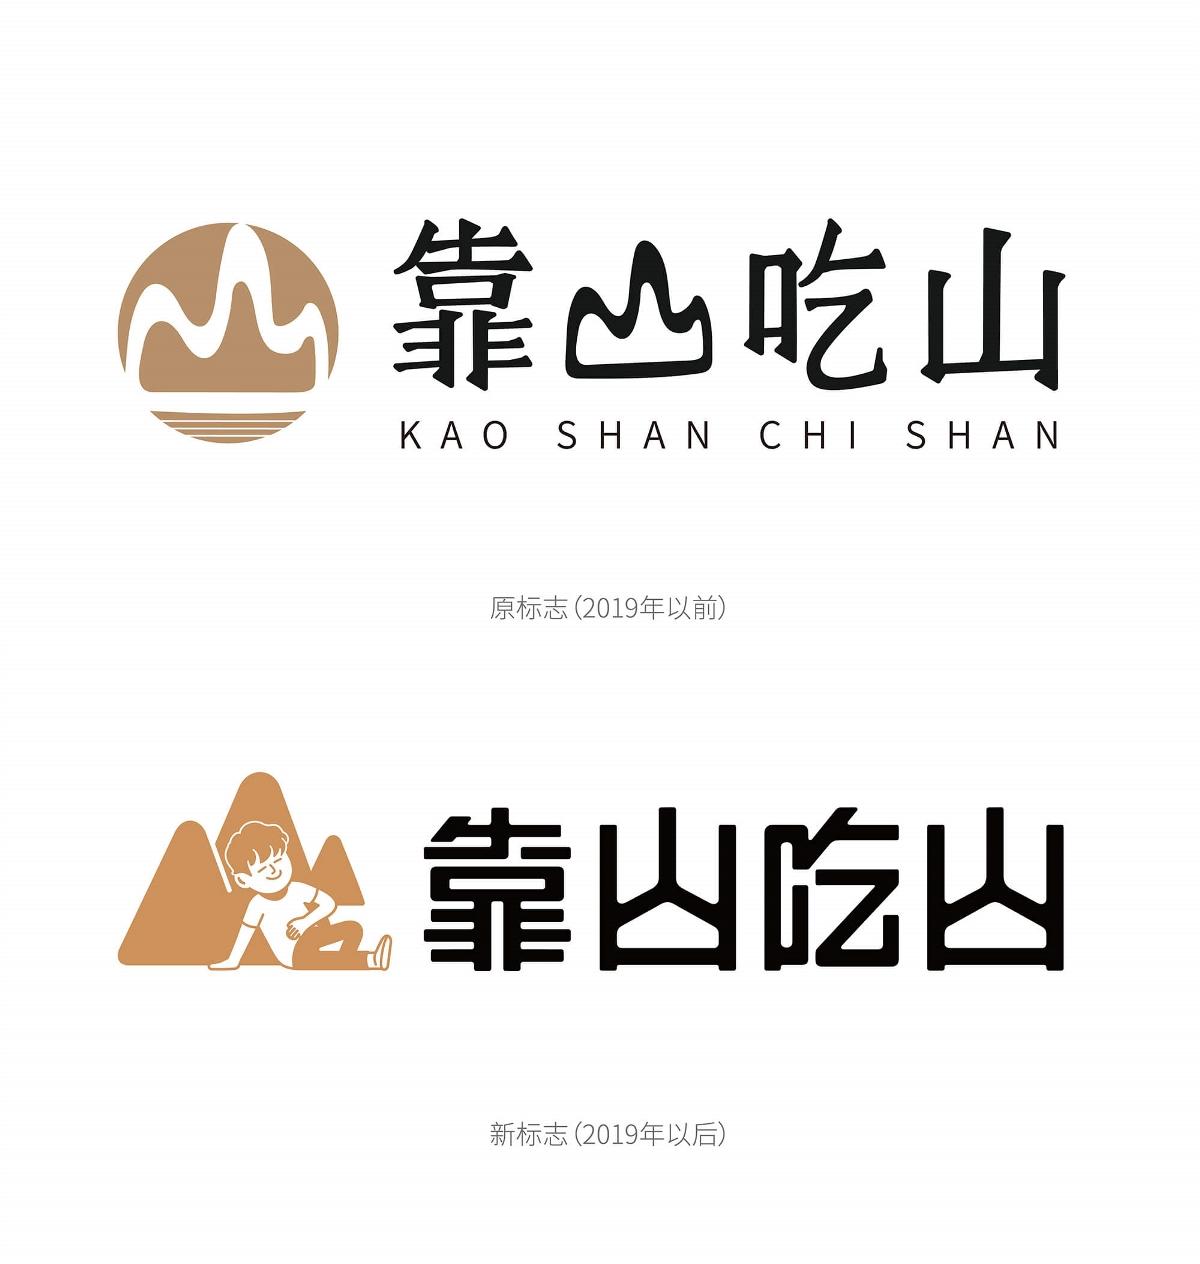 扬子江药业—赤豆薏仁羮代餐产品包装设计|厚启设计